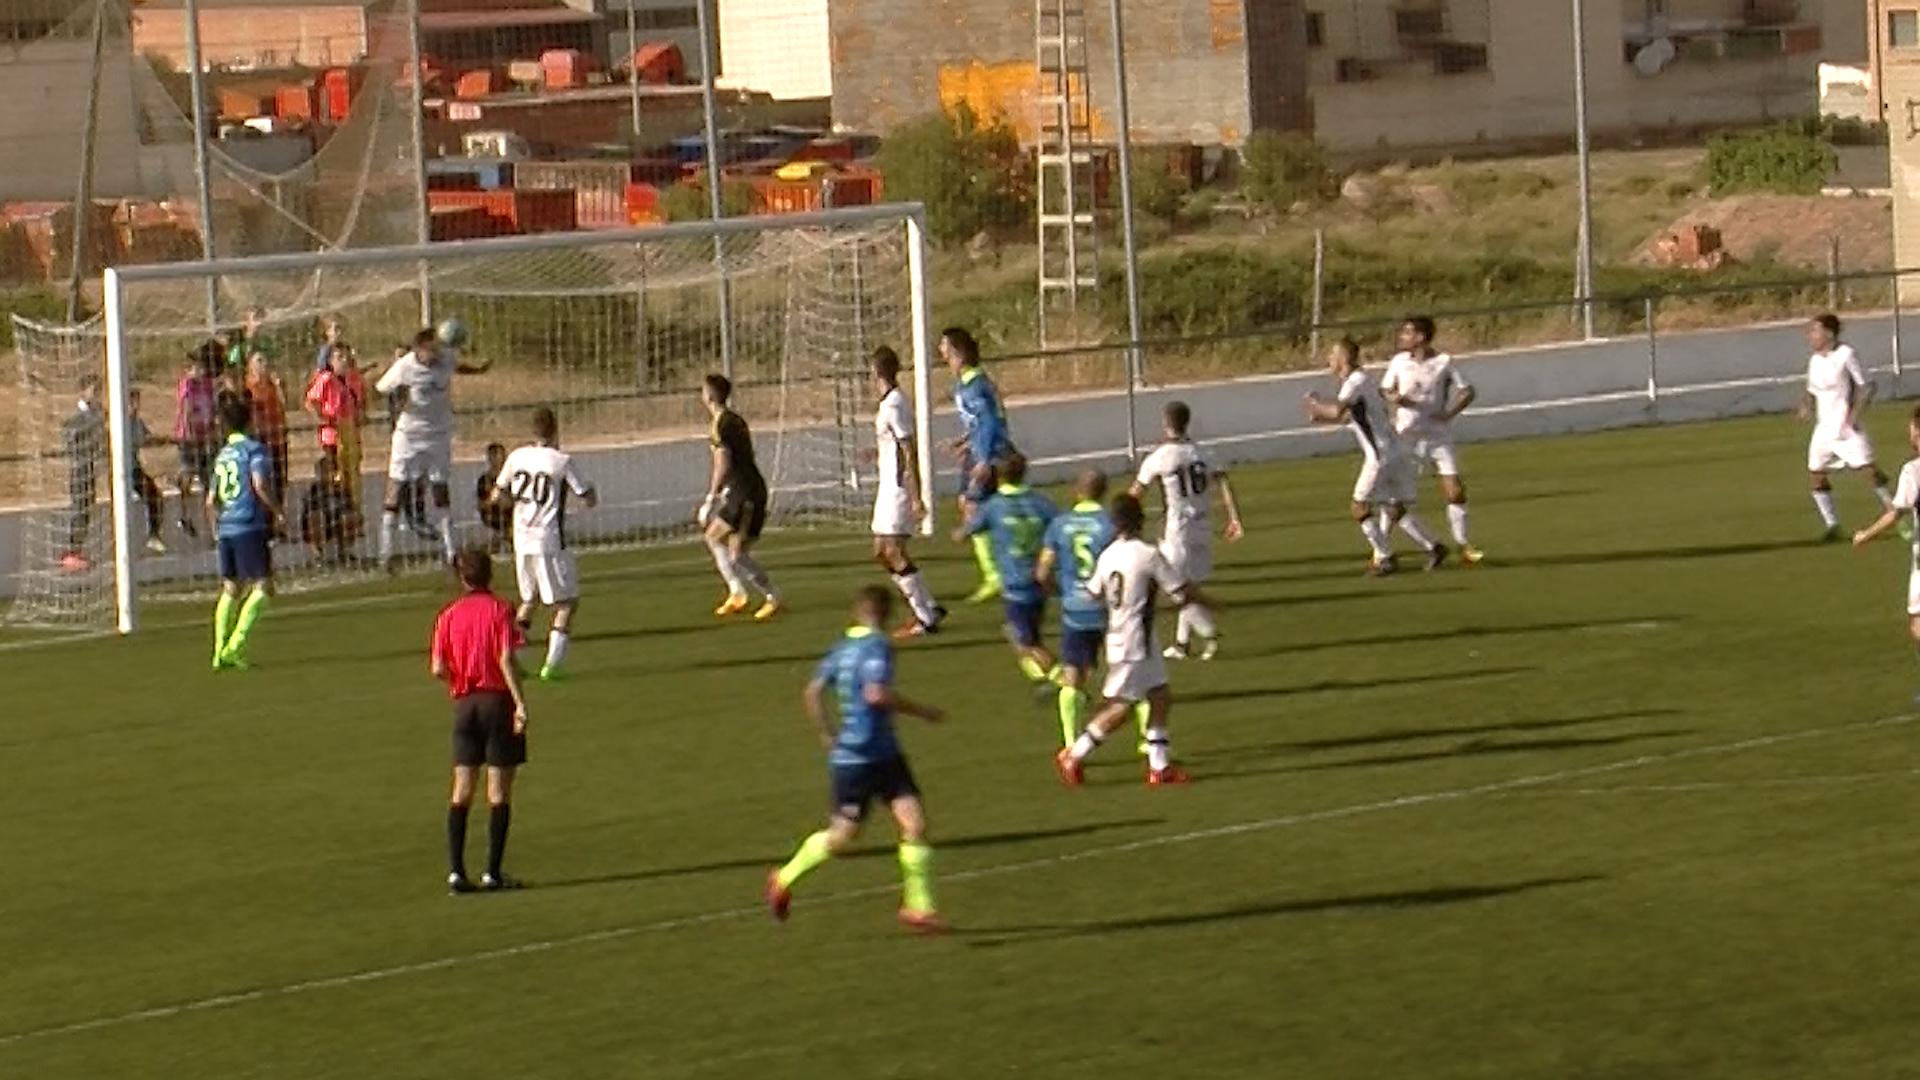 FC Borges- Igualada.00_00_52_00.Imagen fija003